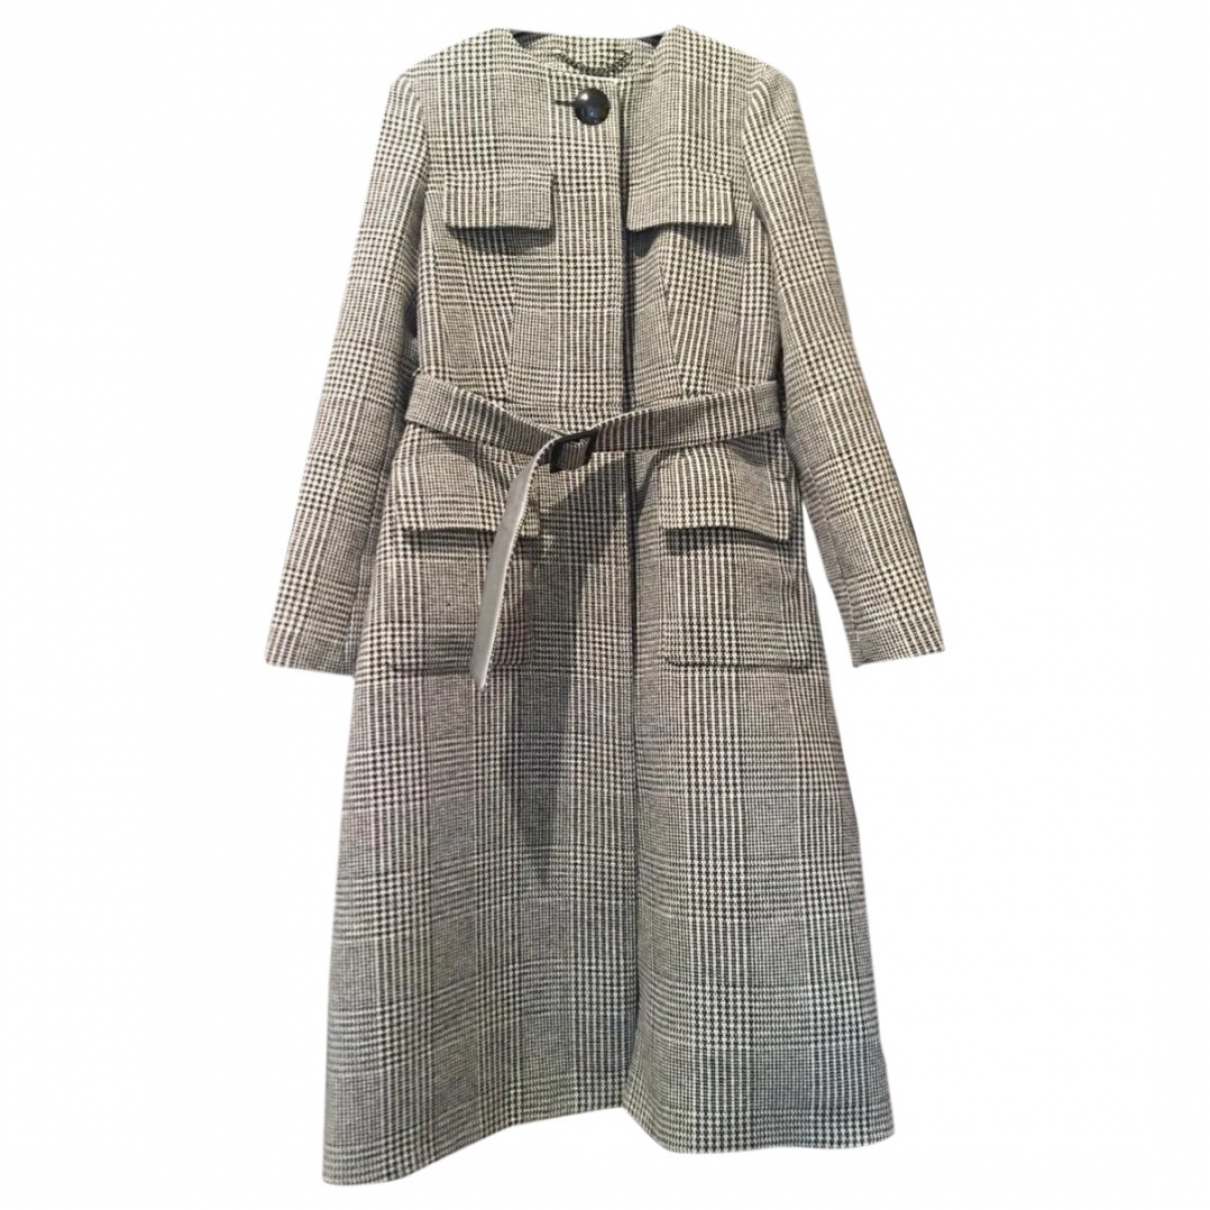 Lk Bennett \N Wool coat for Women 46 FR